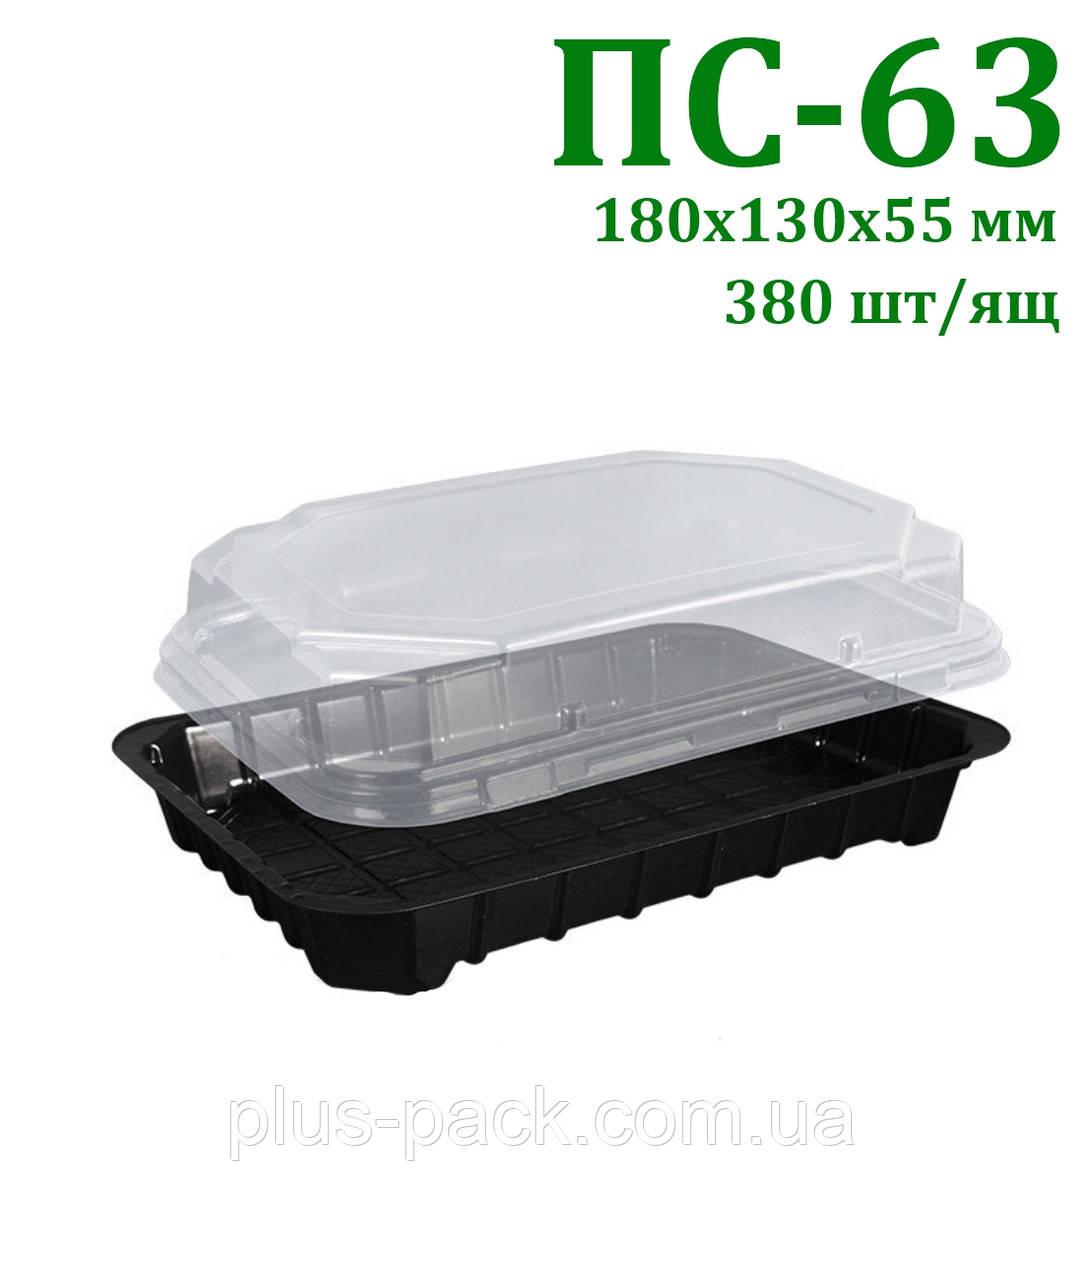 Пластиковая Упаковка под суши и роллы